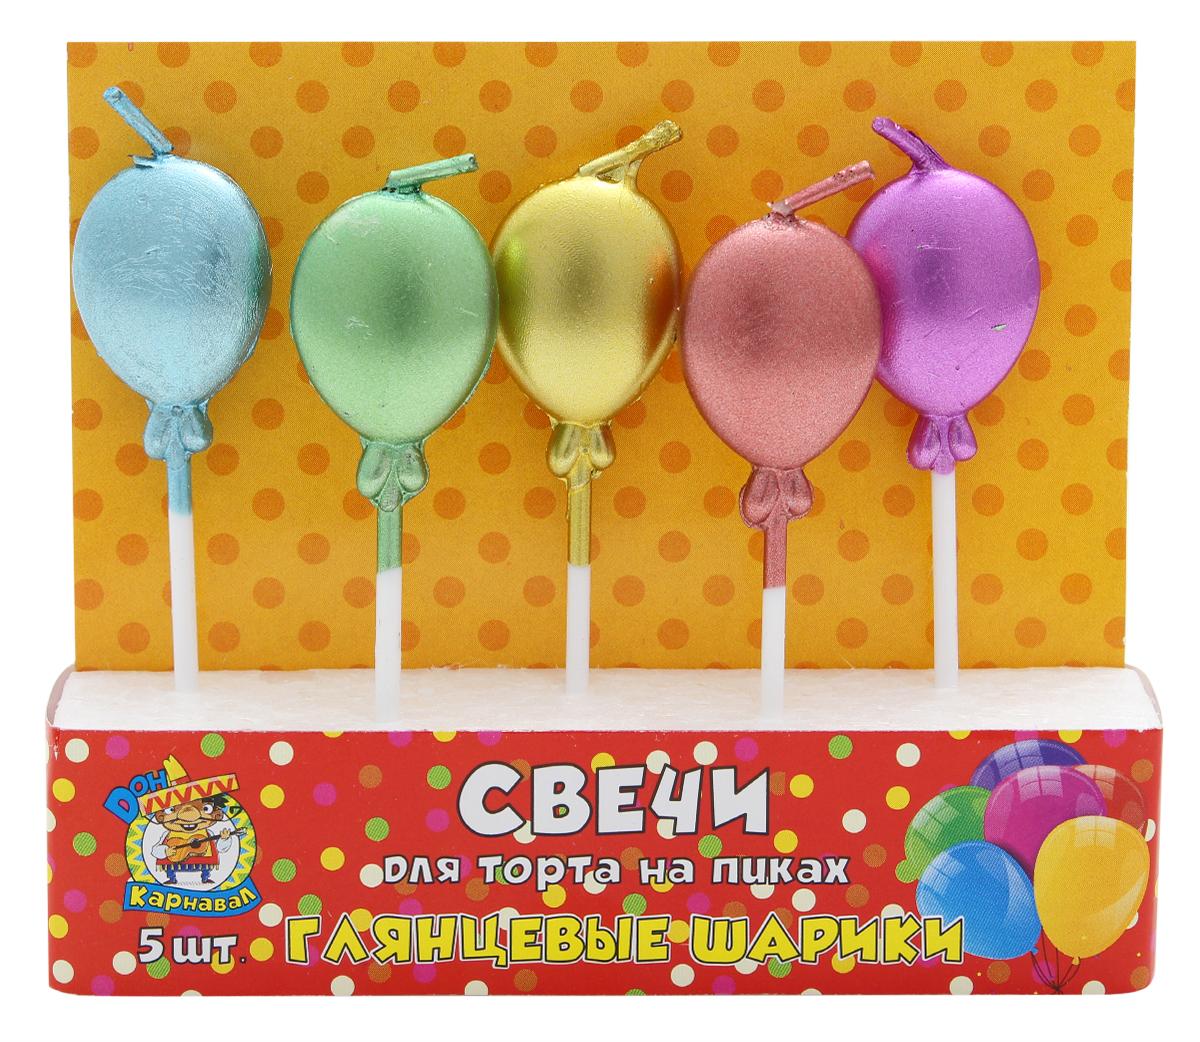 Miland Свечи для торта Глянцевые шарики 5 шт miland свечи для торта футбольный матч 5 шт